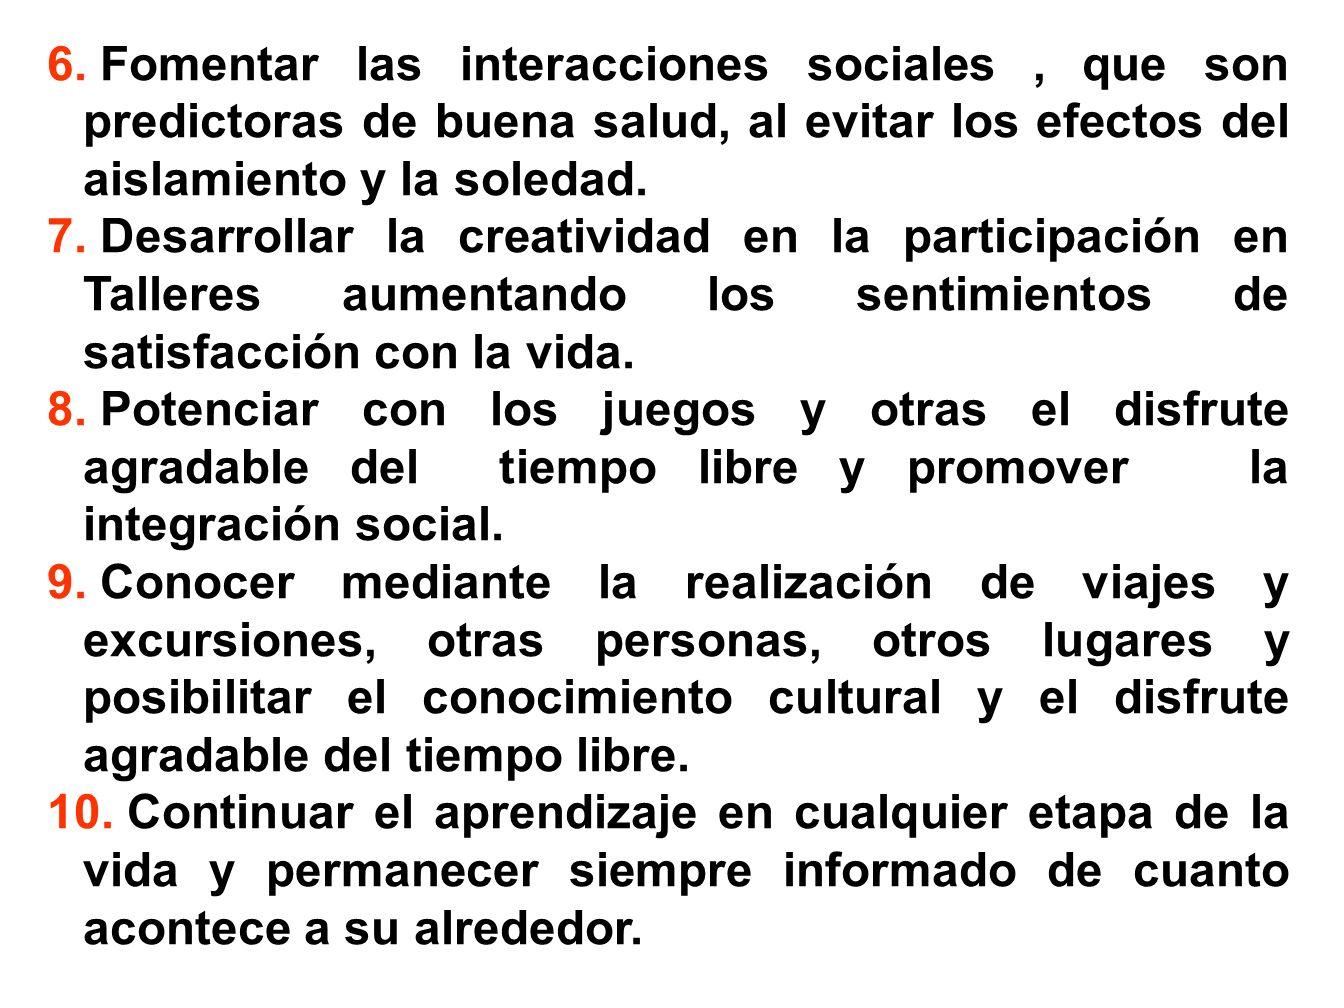 Fomentar las interacciones sociales , que son predictoras de buena salud, al evitar los efectos del aislamiento y la soledad.